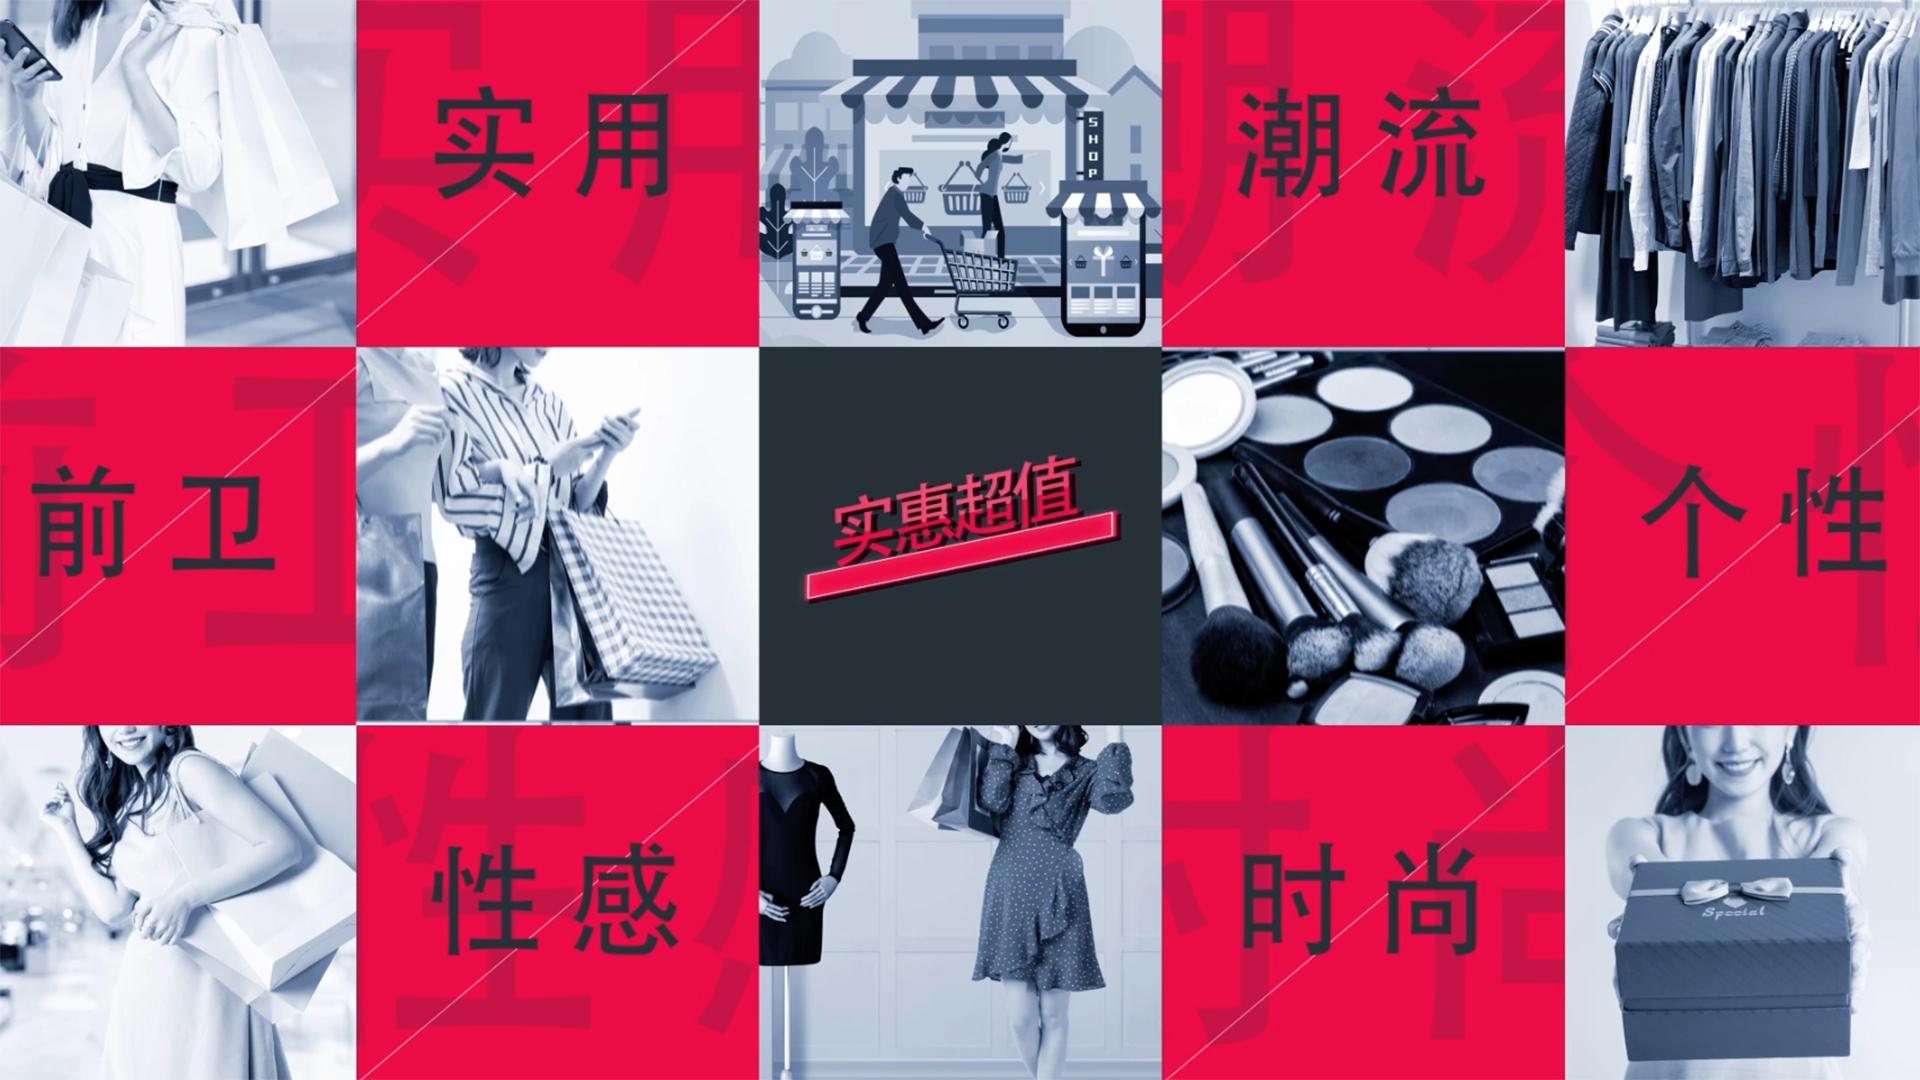 双11购物狂欢节图文展示AE模板